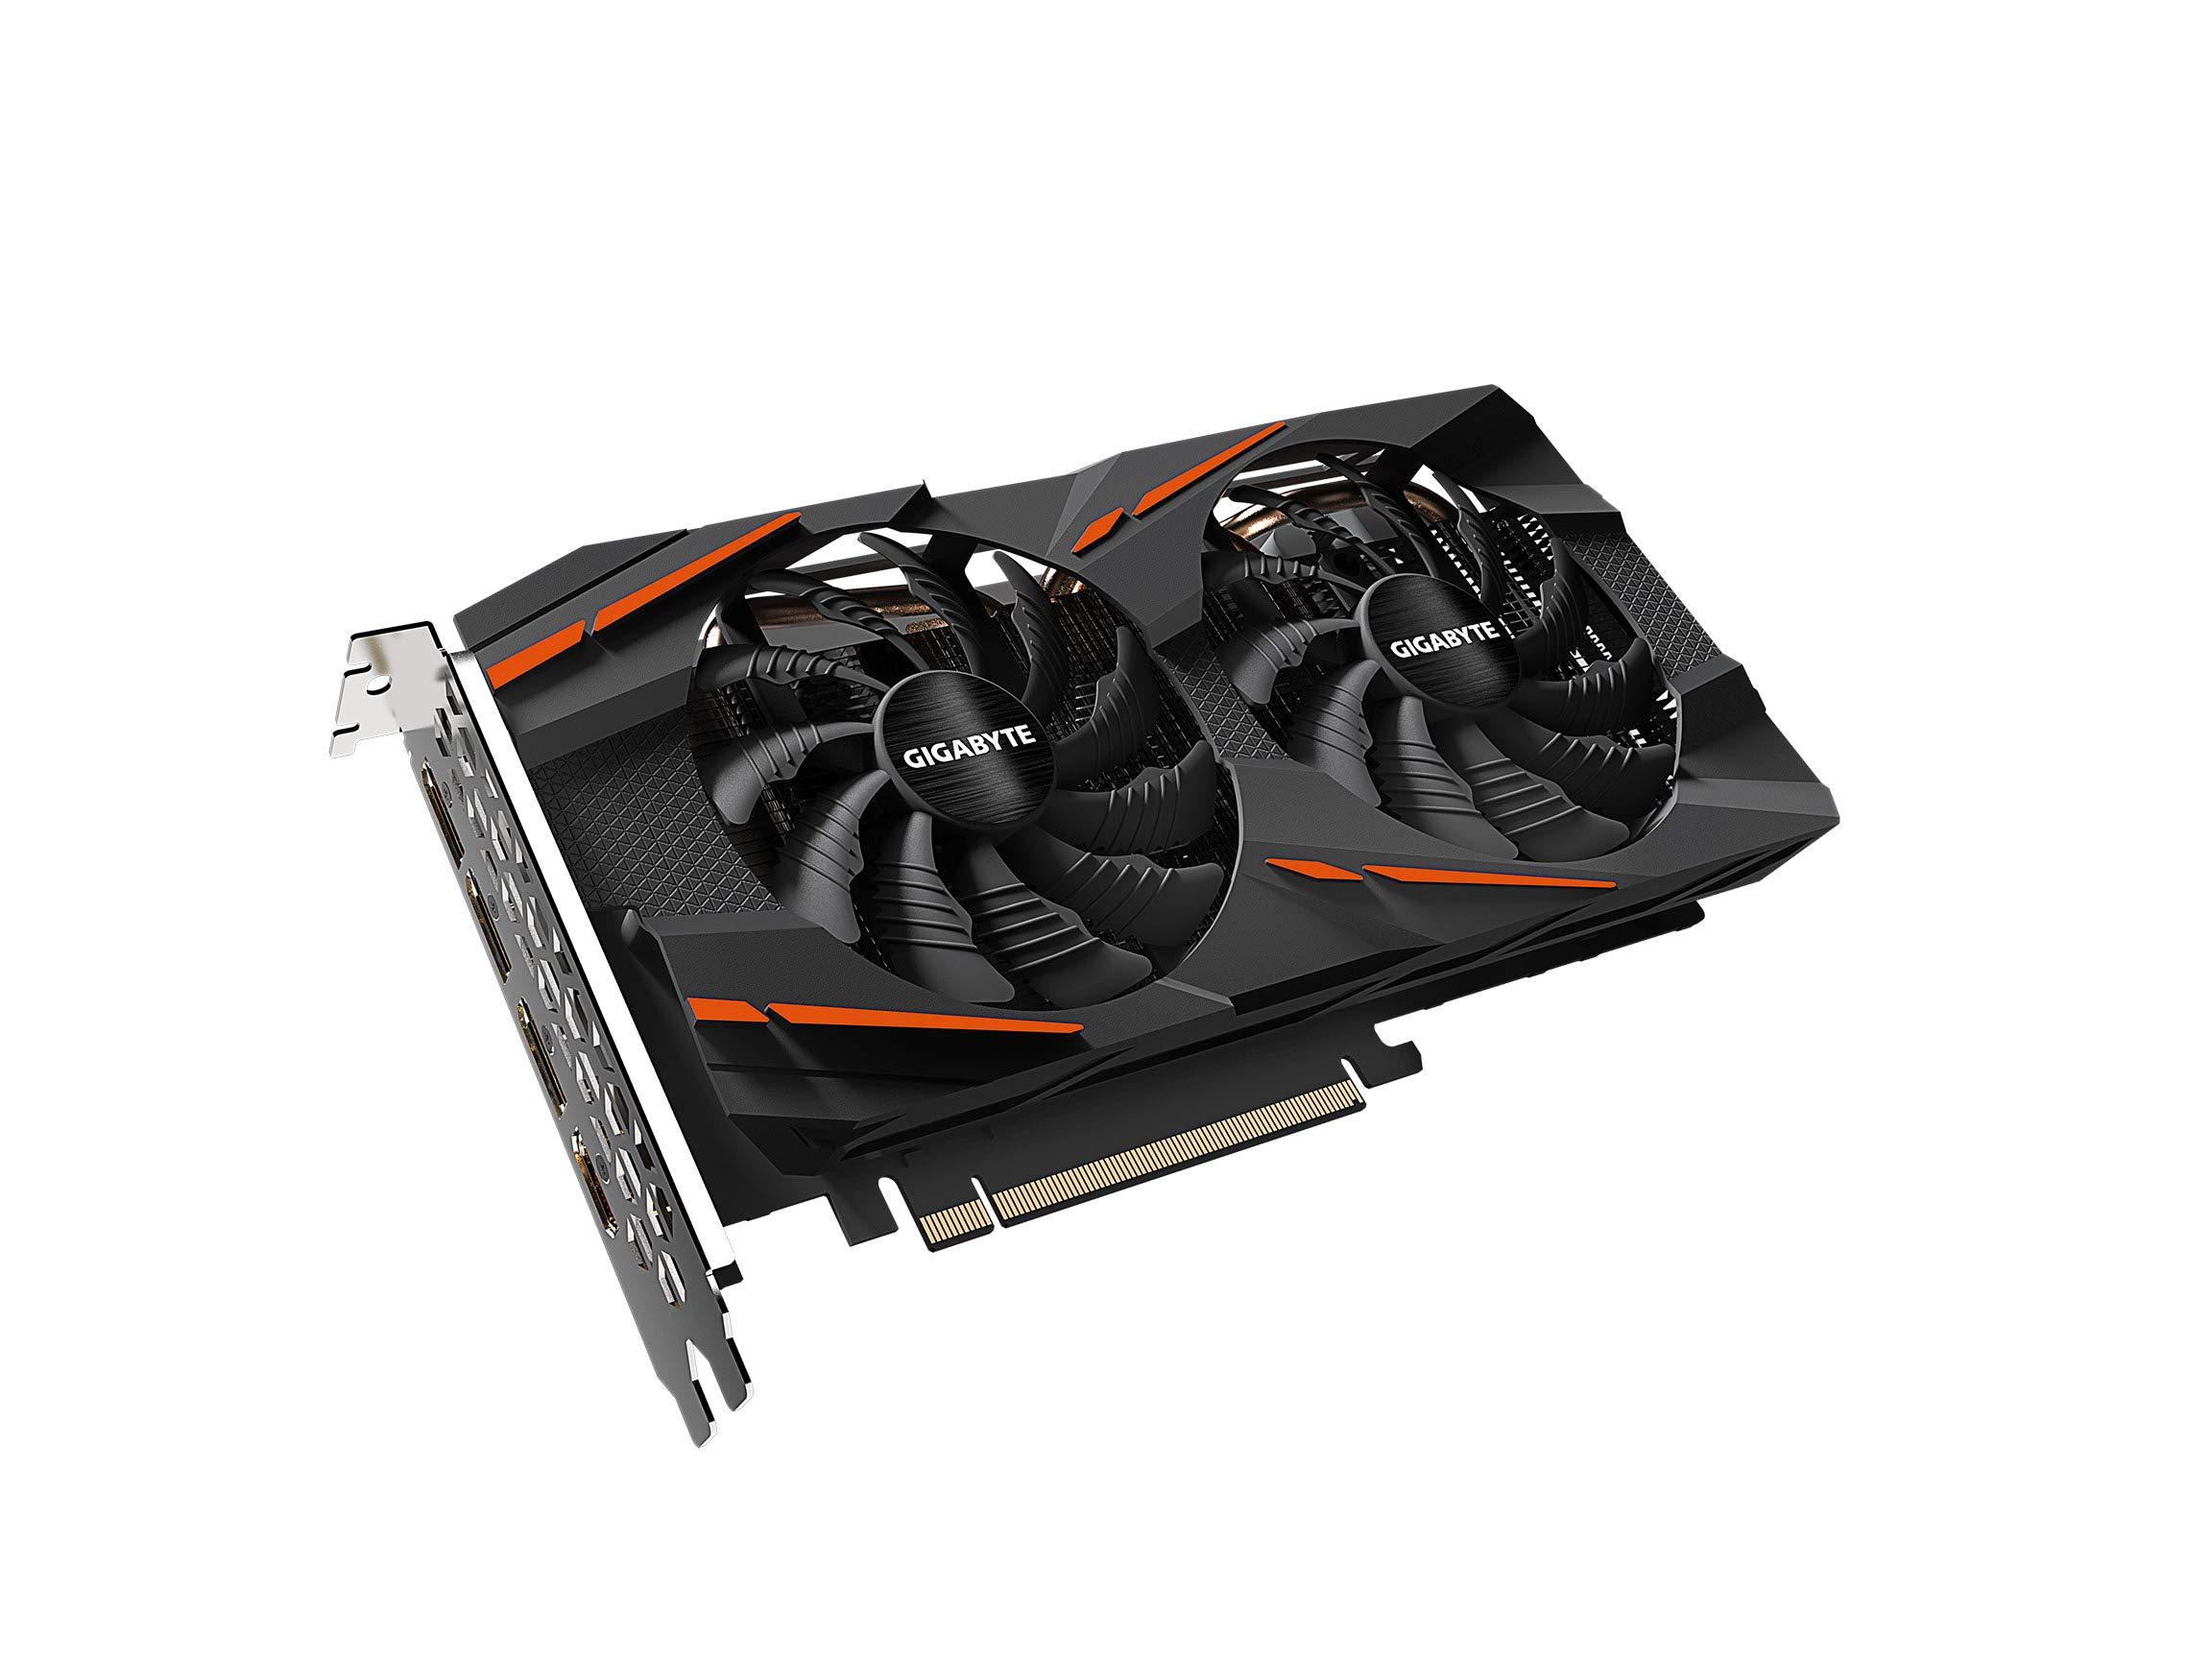 Tarjetas gráficas Gigabyte Radeon RX 580 Gaming 8GB GV-RX580GAMING-8GD REV2.0